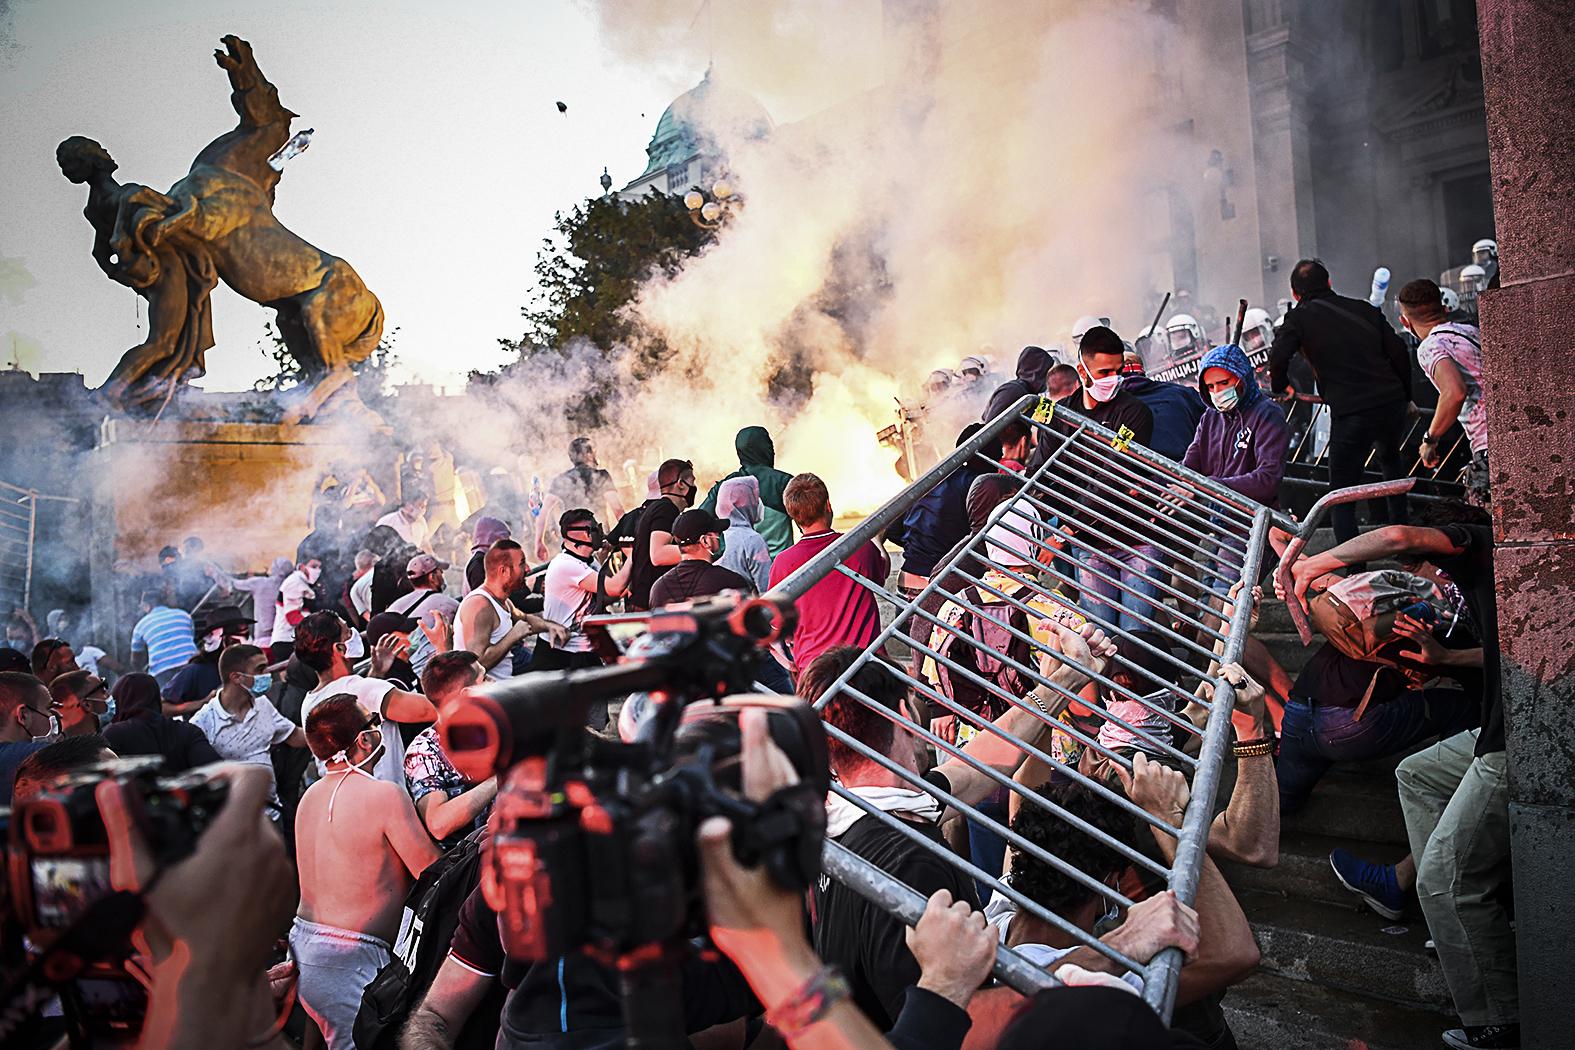 Amikor a szerb kormány meglebegtette, hogy ismét be kell vezetni a kijárási tilalmat, több ezren vonultak a parlament elé, az erőszakos tiltakozókat csak a rendőrségnek sikerült visszatartania, hogy bejussanak a szkupstinába #moszkvater